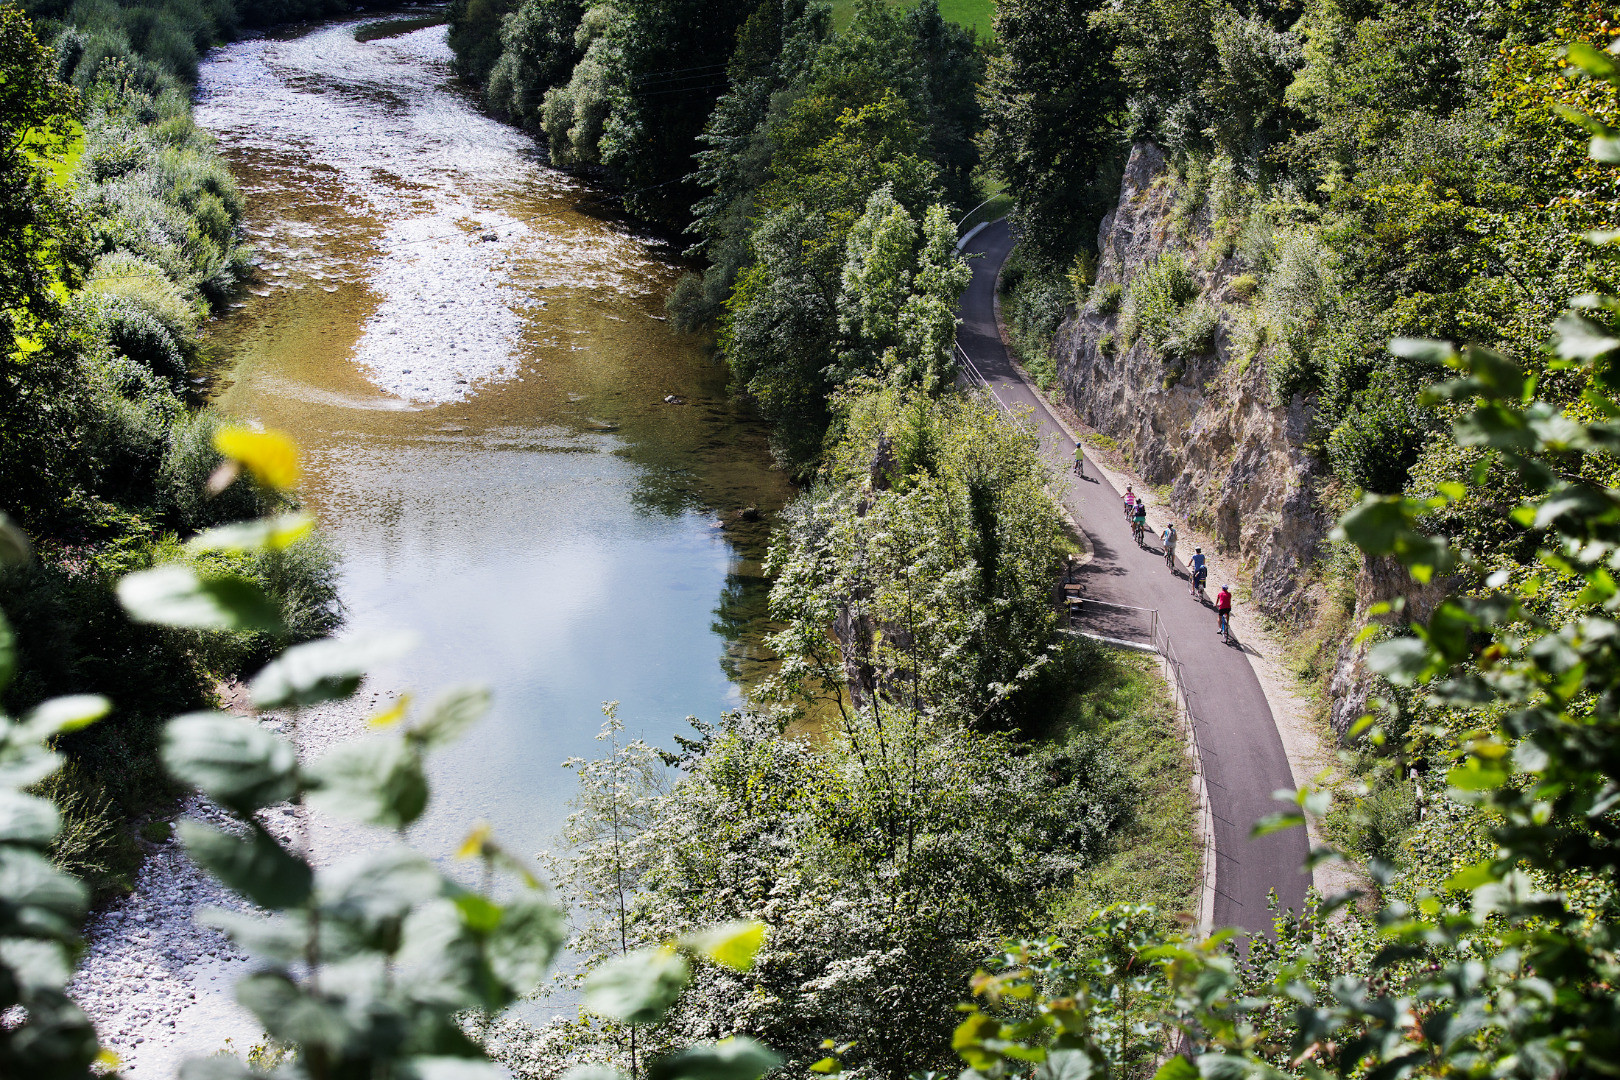 Werbefoto Ybbstalradweg _ Fotocredit Mostviertel Tourismus  Doris Schwarz-König.jpg